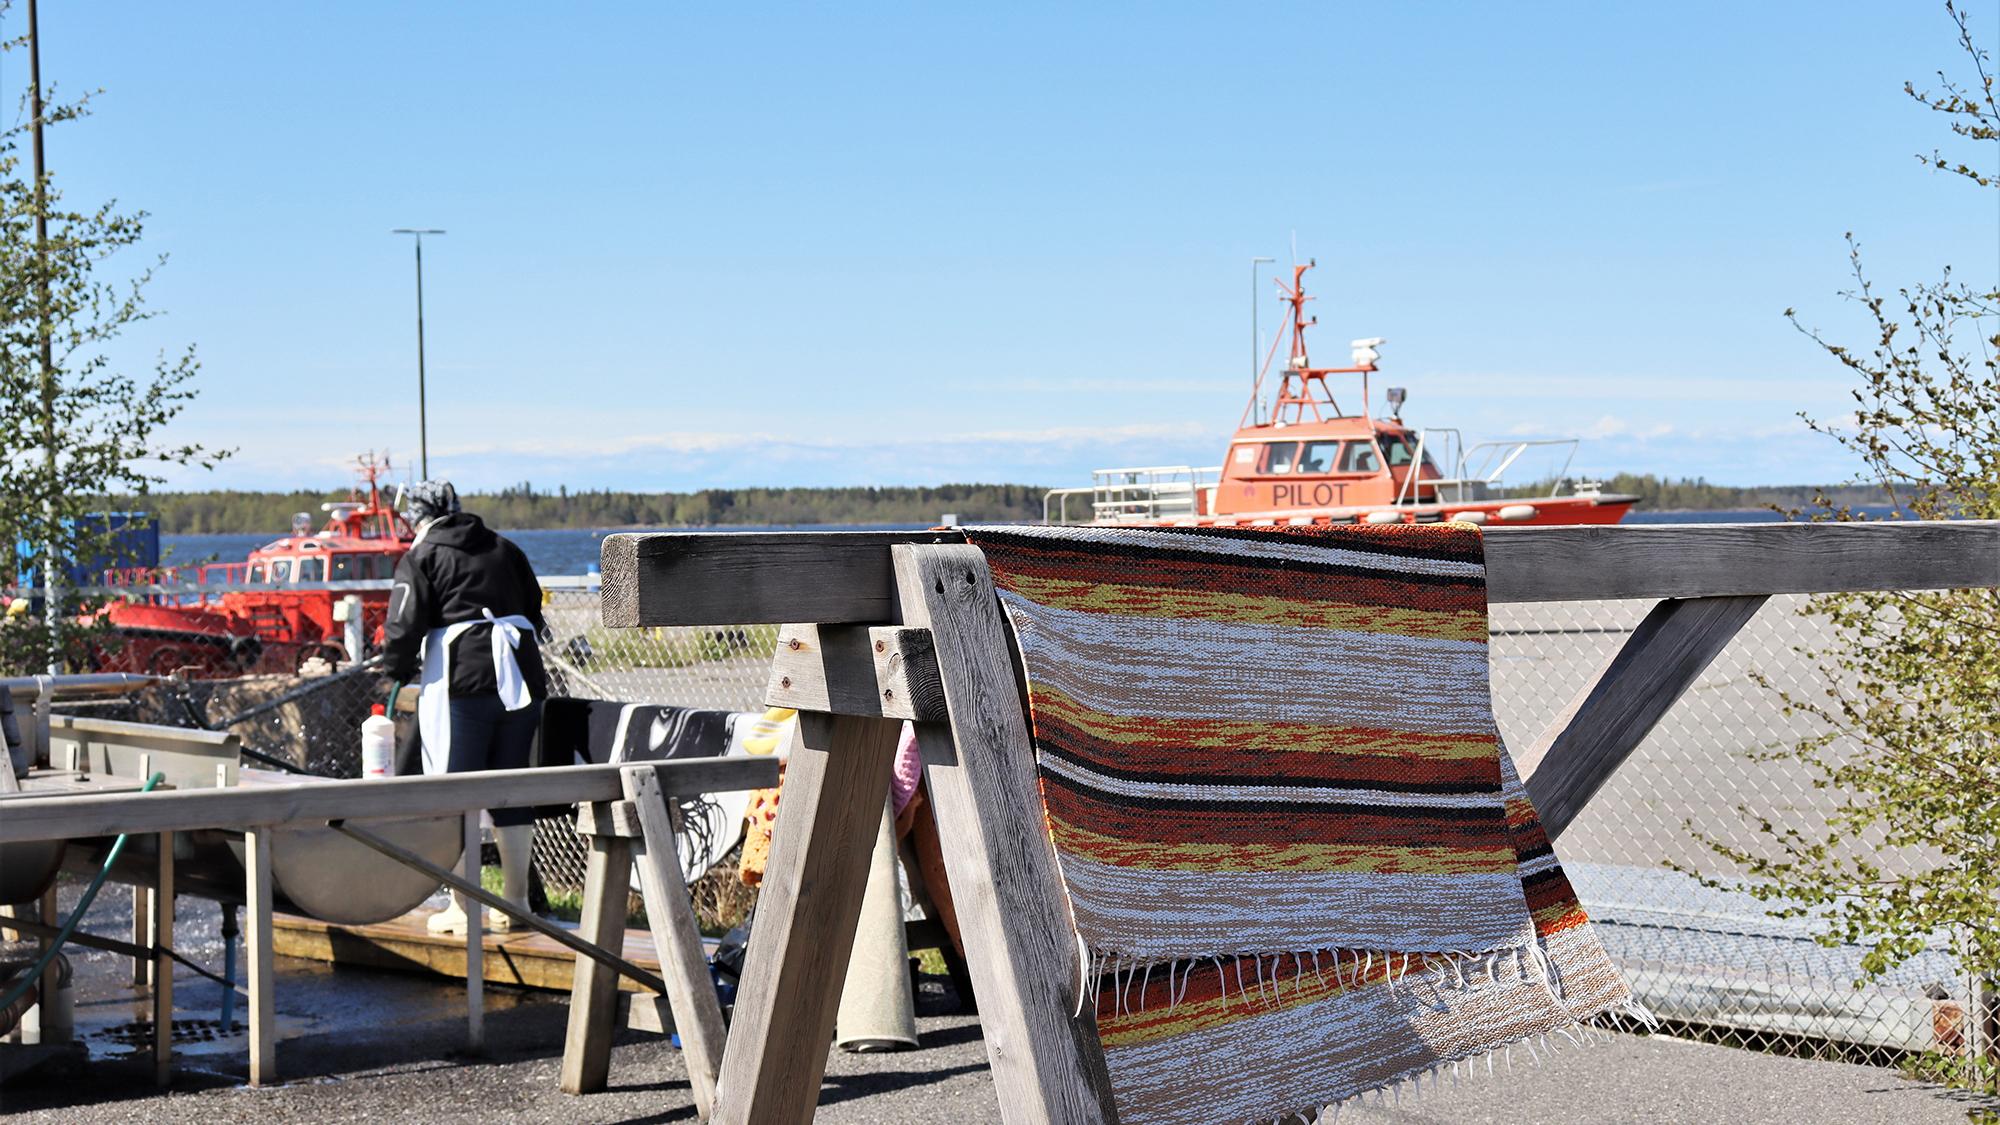 Raidallinen matto kuivumassa puisella telineellä. Taustalla näkyy mattoja pesemässä oleva nainen sekä meri ja siellä liikkuva moottorivene.